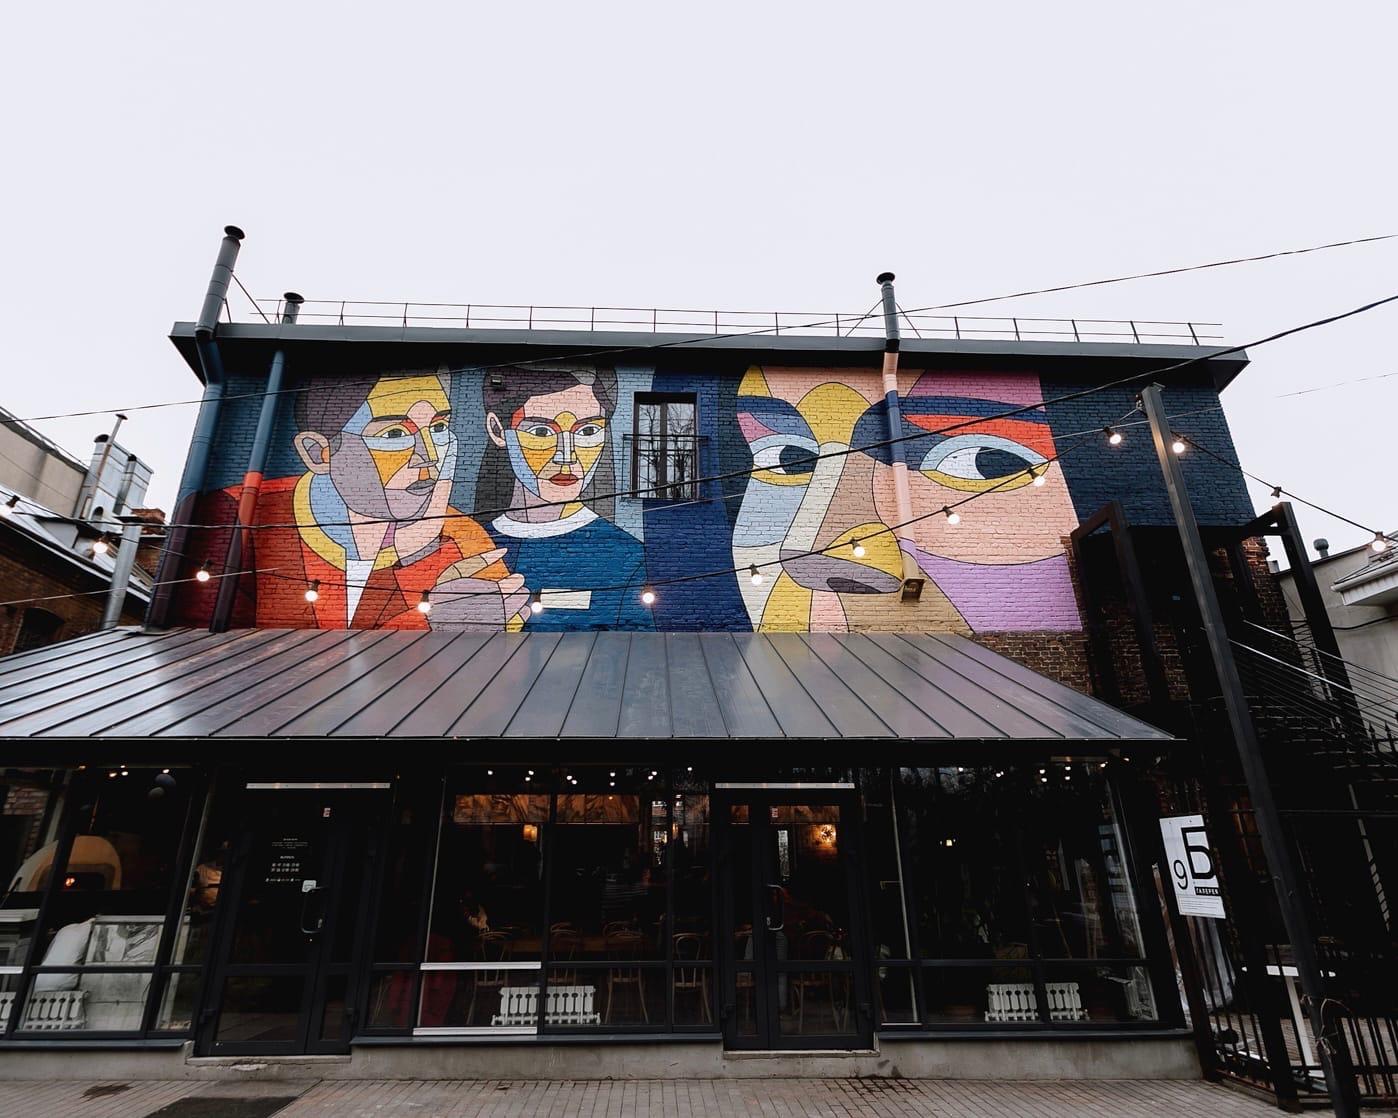 Выставка «Картины, нарисованные в Нижнем Новгороде» откроется в столице Приволжья 17 октября